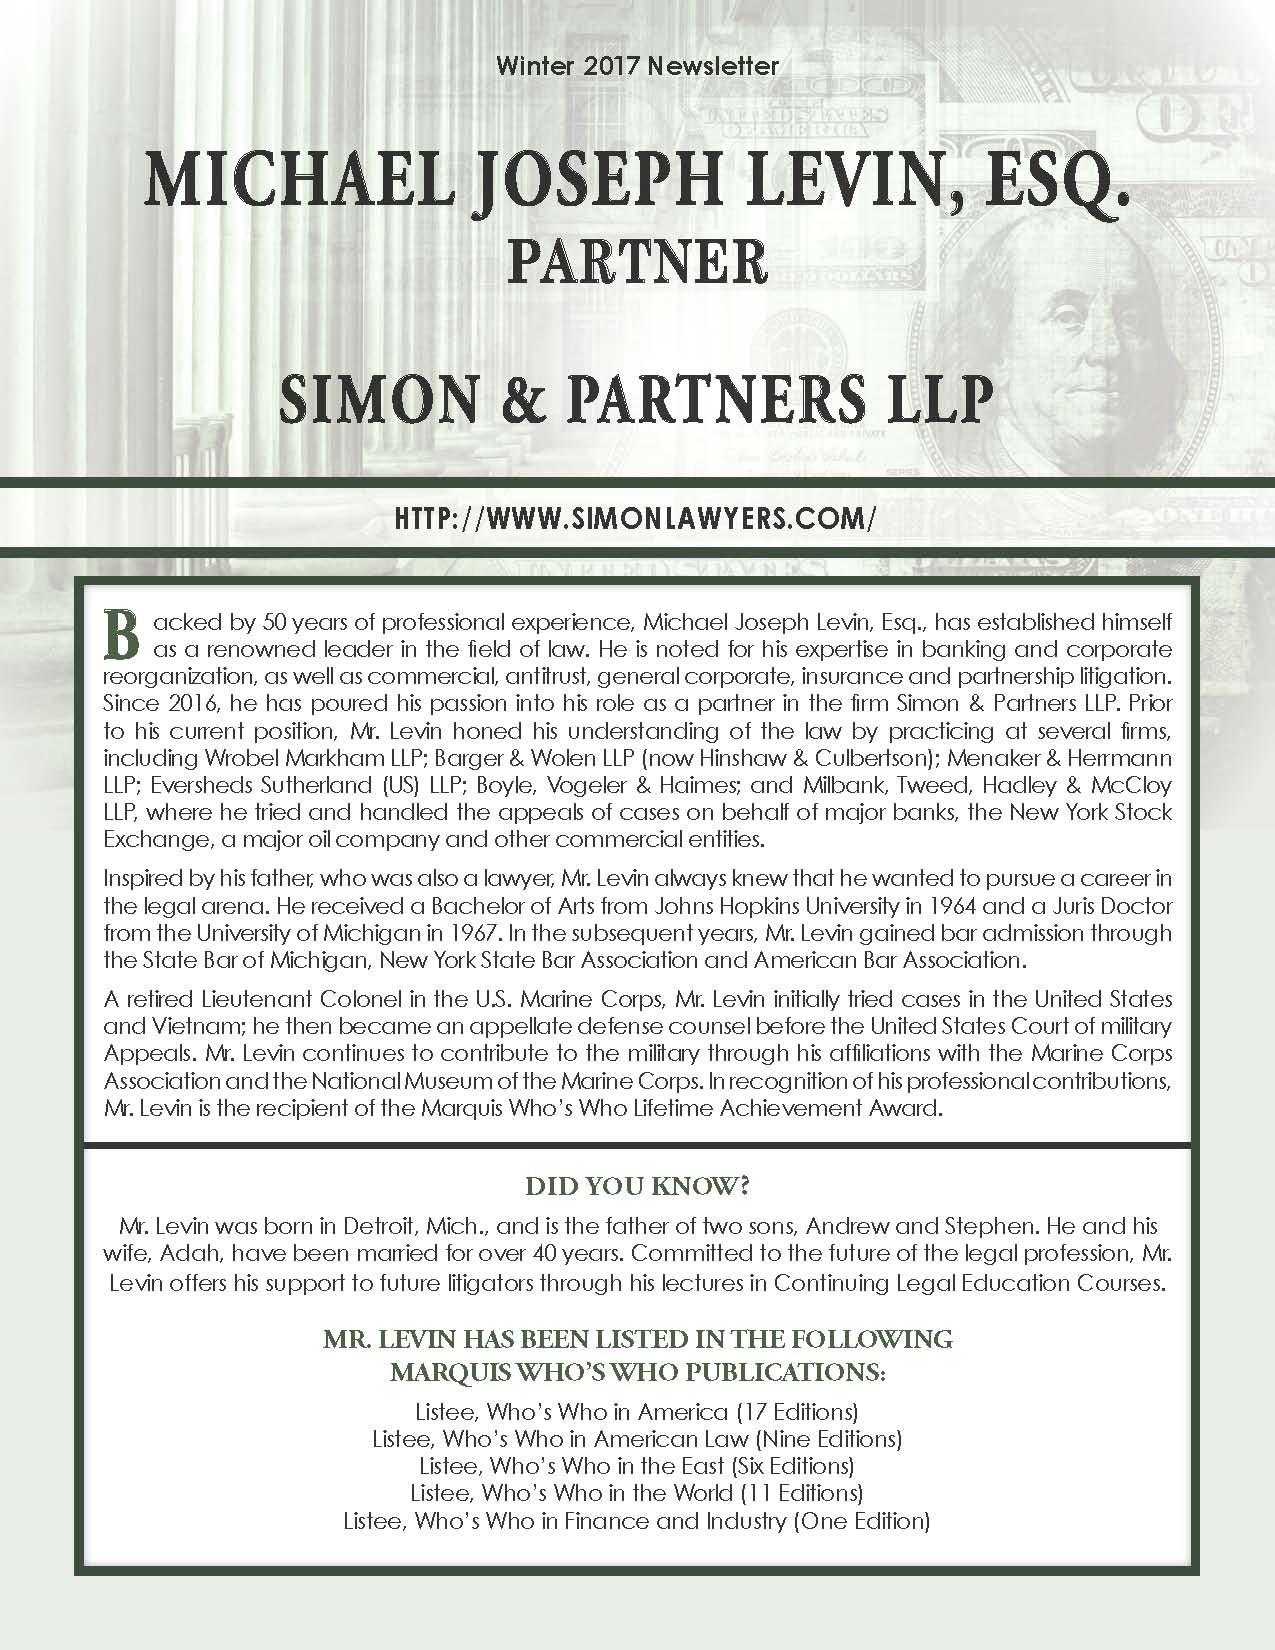 Levin, Michael 3707638_5479150 Newsletter.jpg